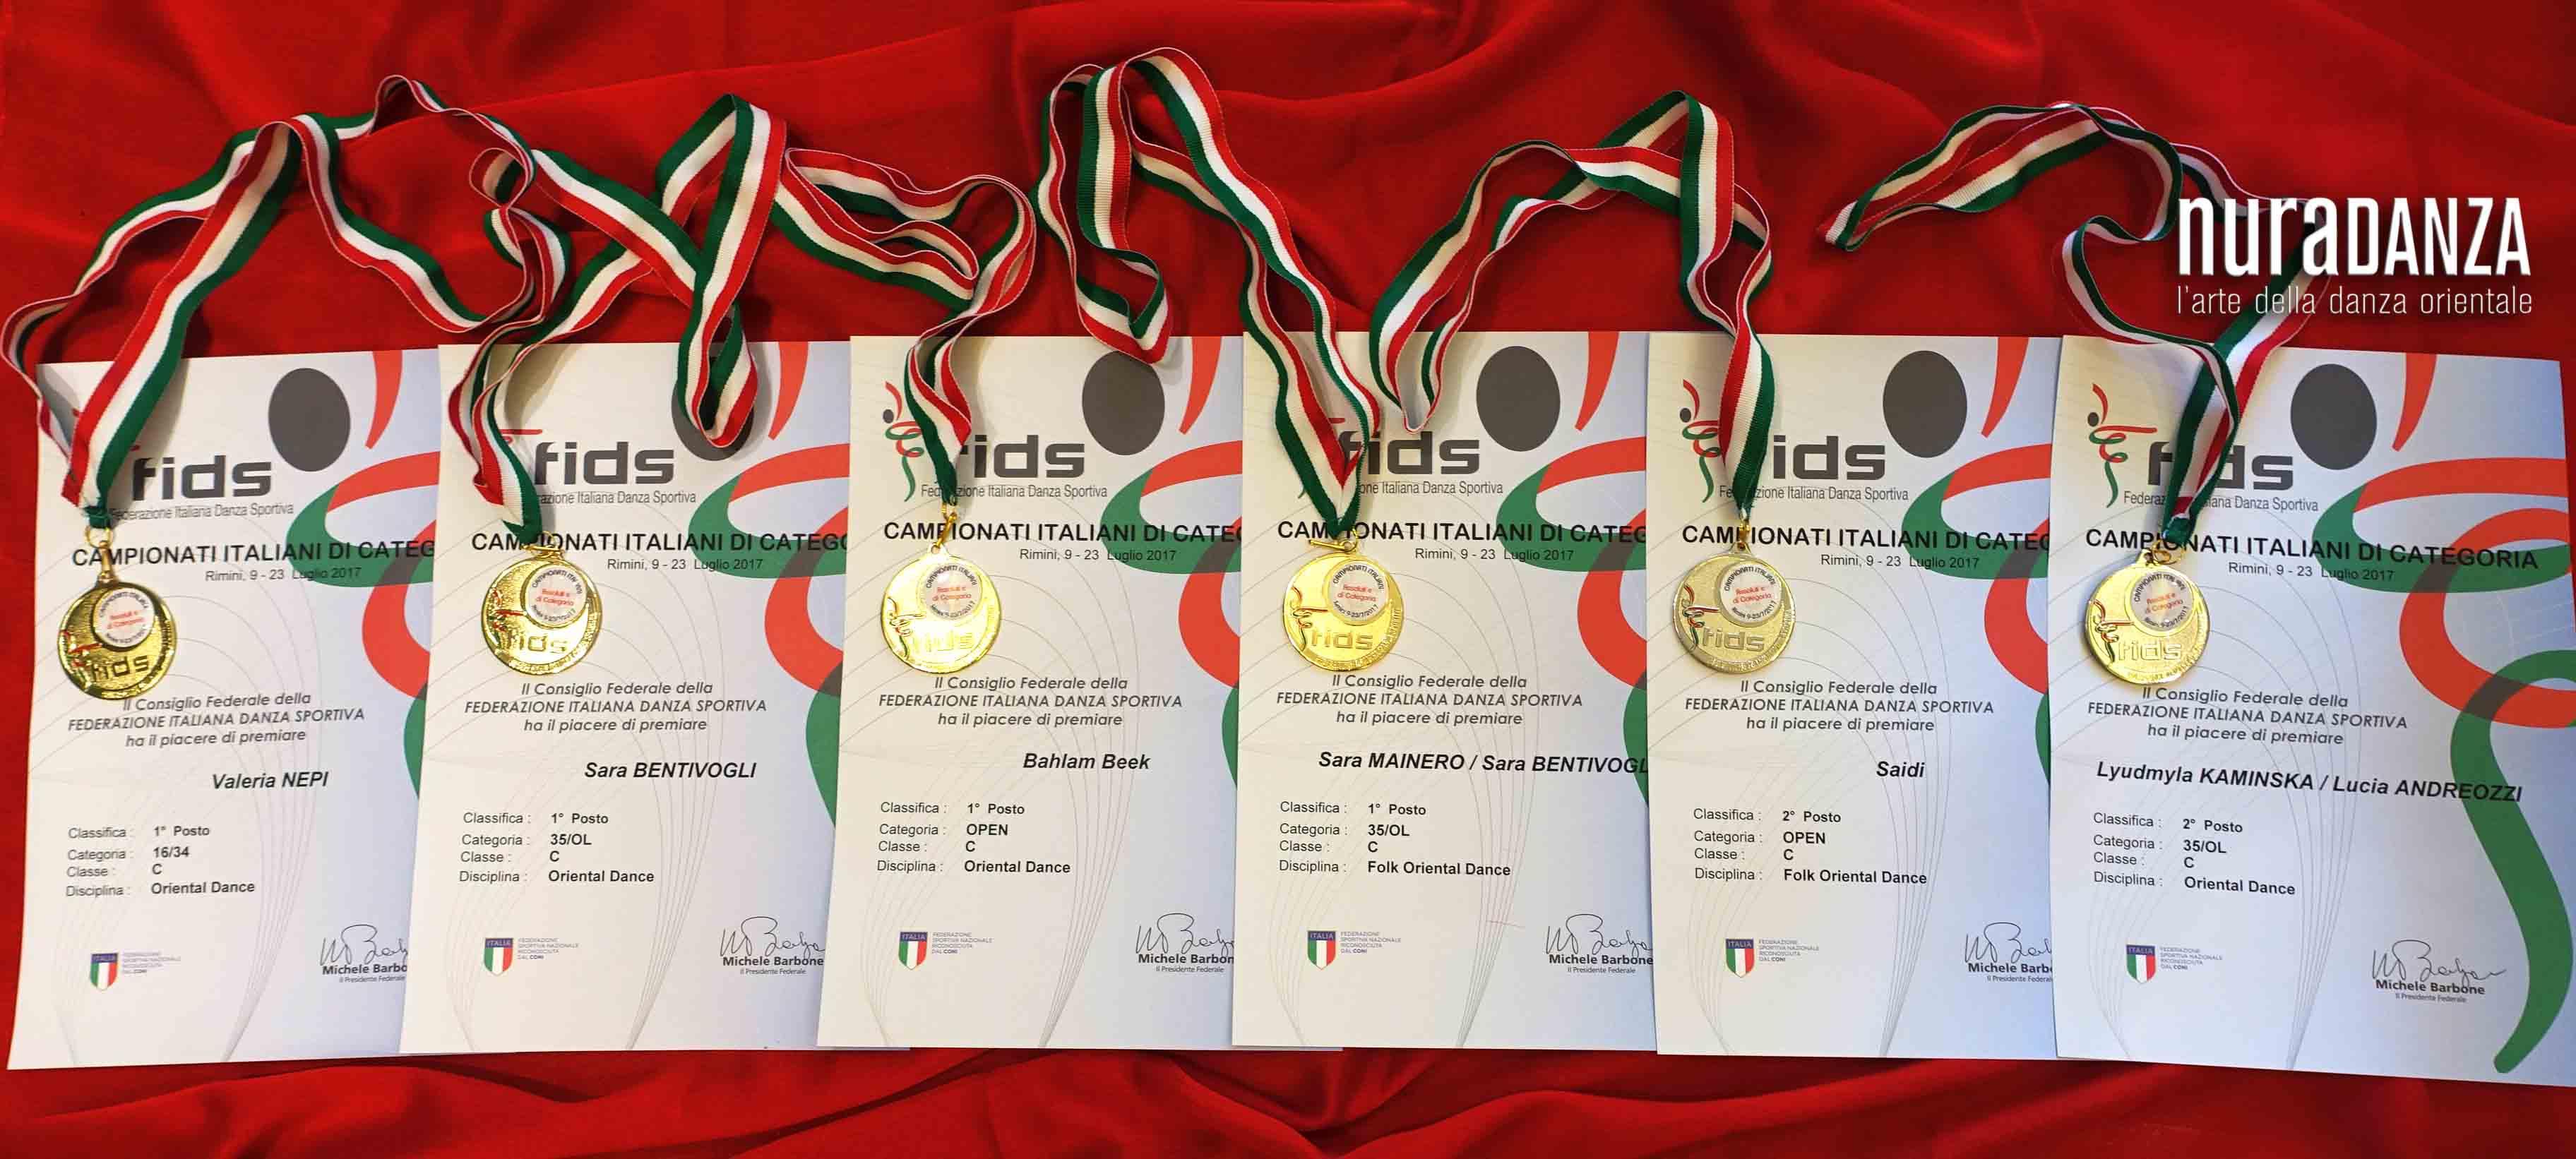 Campionato Italiano FIDS 2017